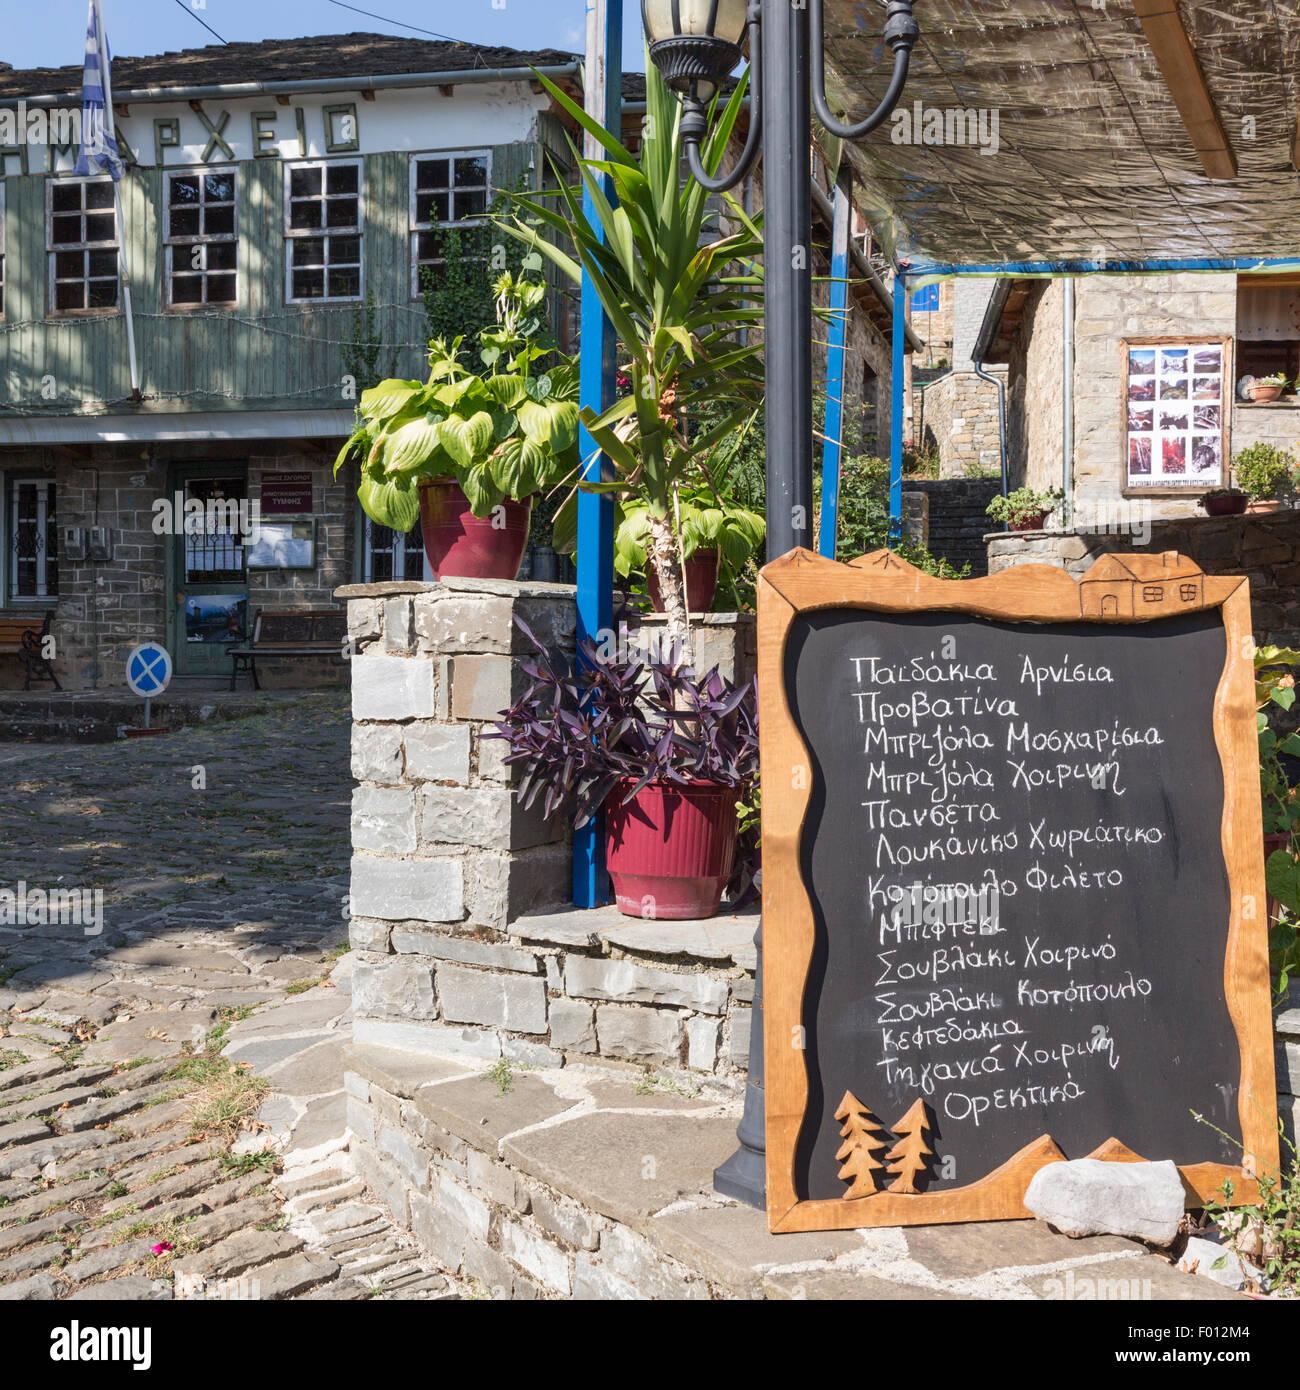 Menü auf Tafel in Tsepelovo, eines der steinernen Dörfer der Zagoria-Griechenland Stockbild